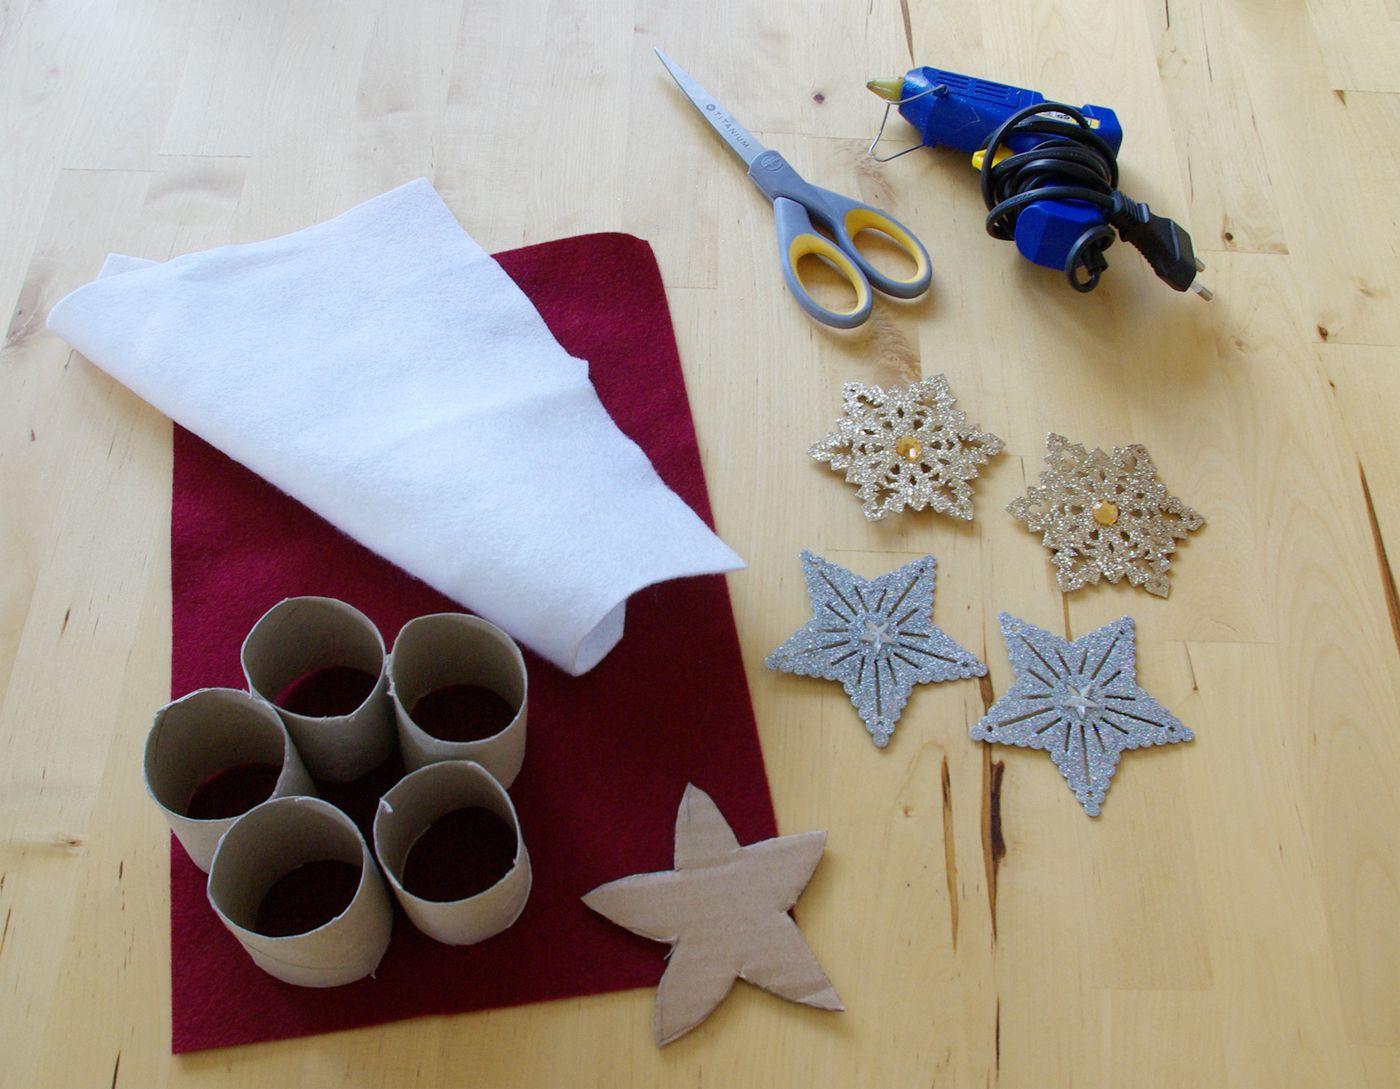 weihnachten weihnachts deko dekoration serviettenringe selber machen anleitung material. Black Bedroom Furniture Sets. Home Design Ideas